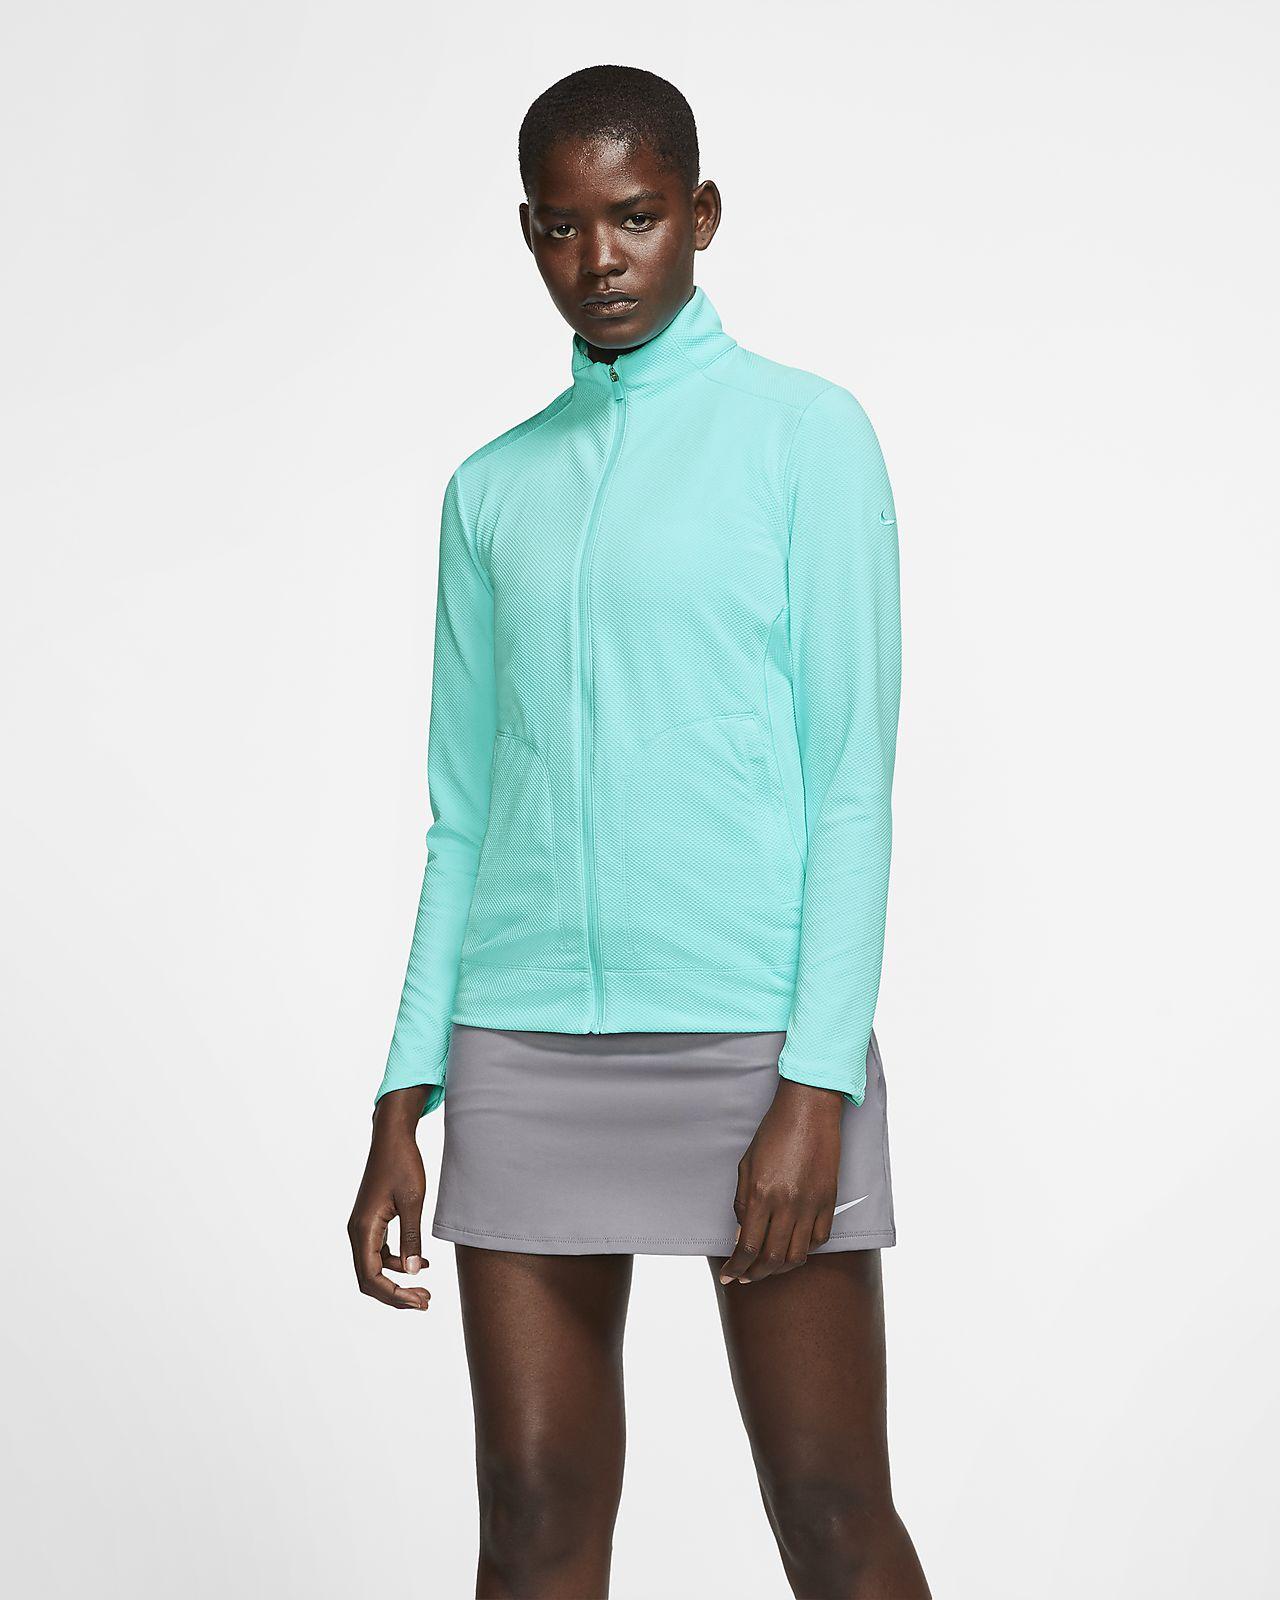 Nike Dri-FIT UV-golfjakke til kvinder